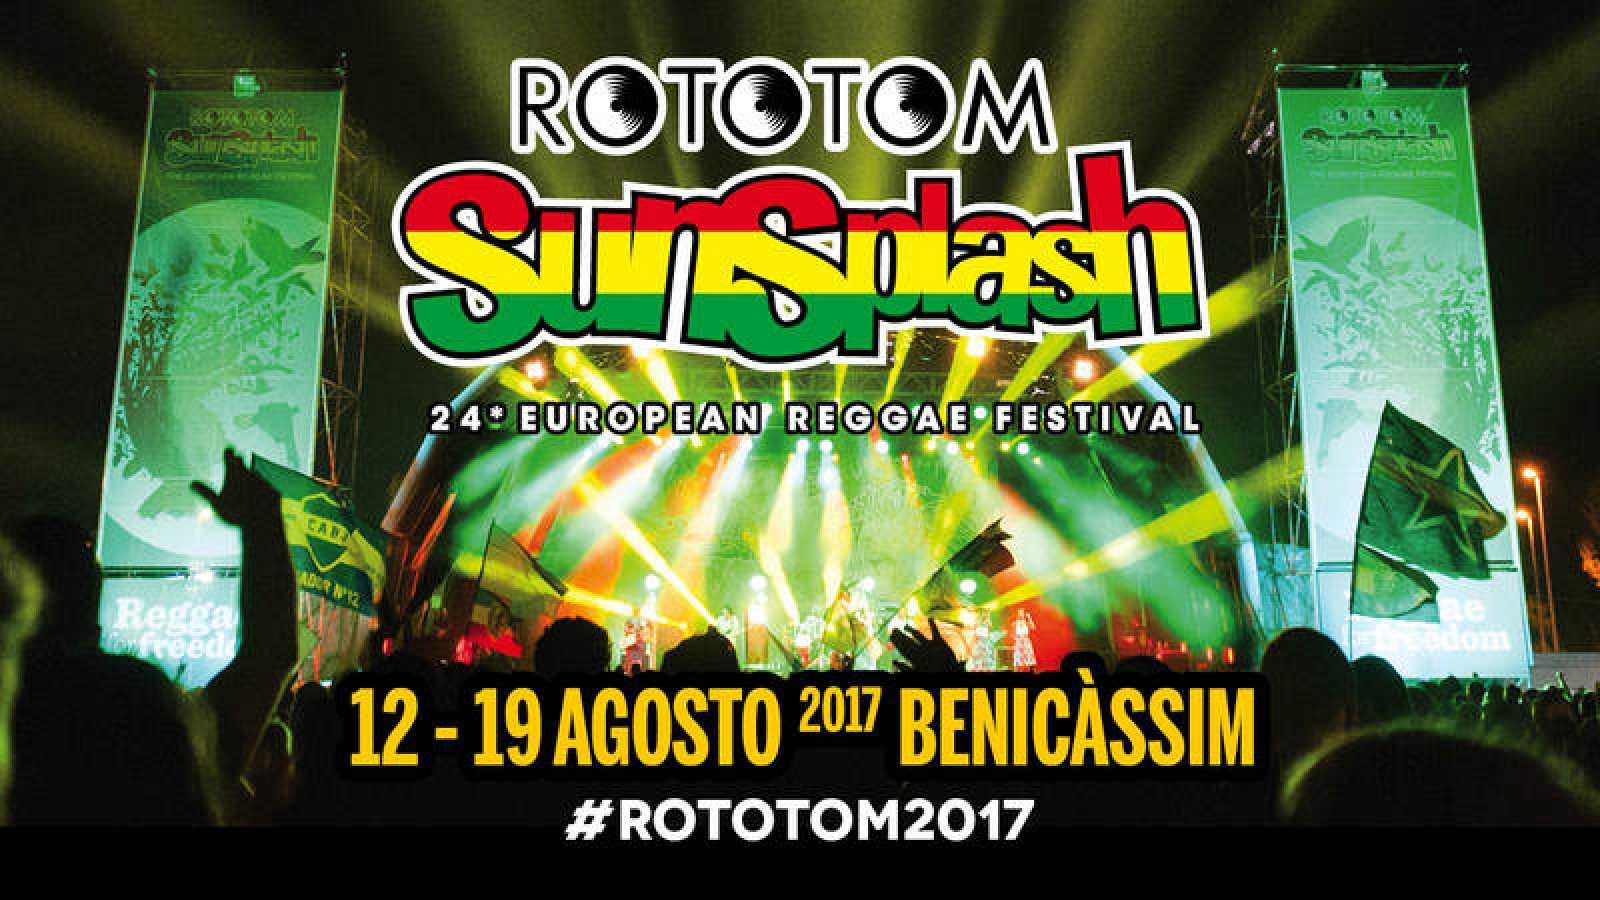 El Rototom Sunsplash celebra su 24ª edición en Benicàssim del 12 al 19 de agosto